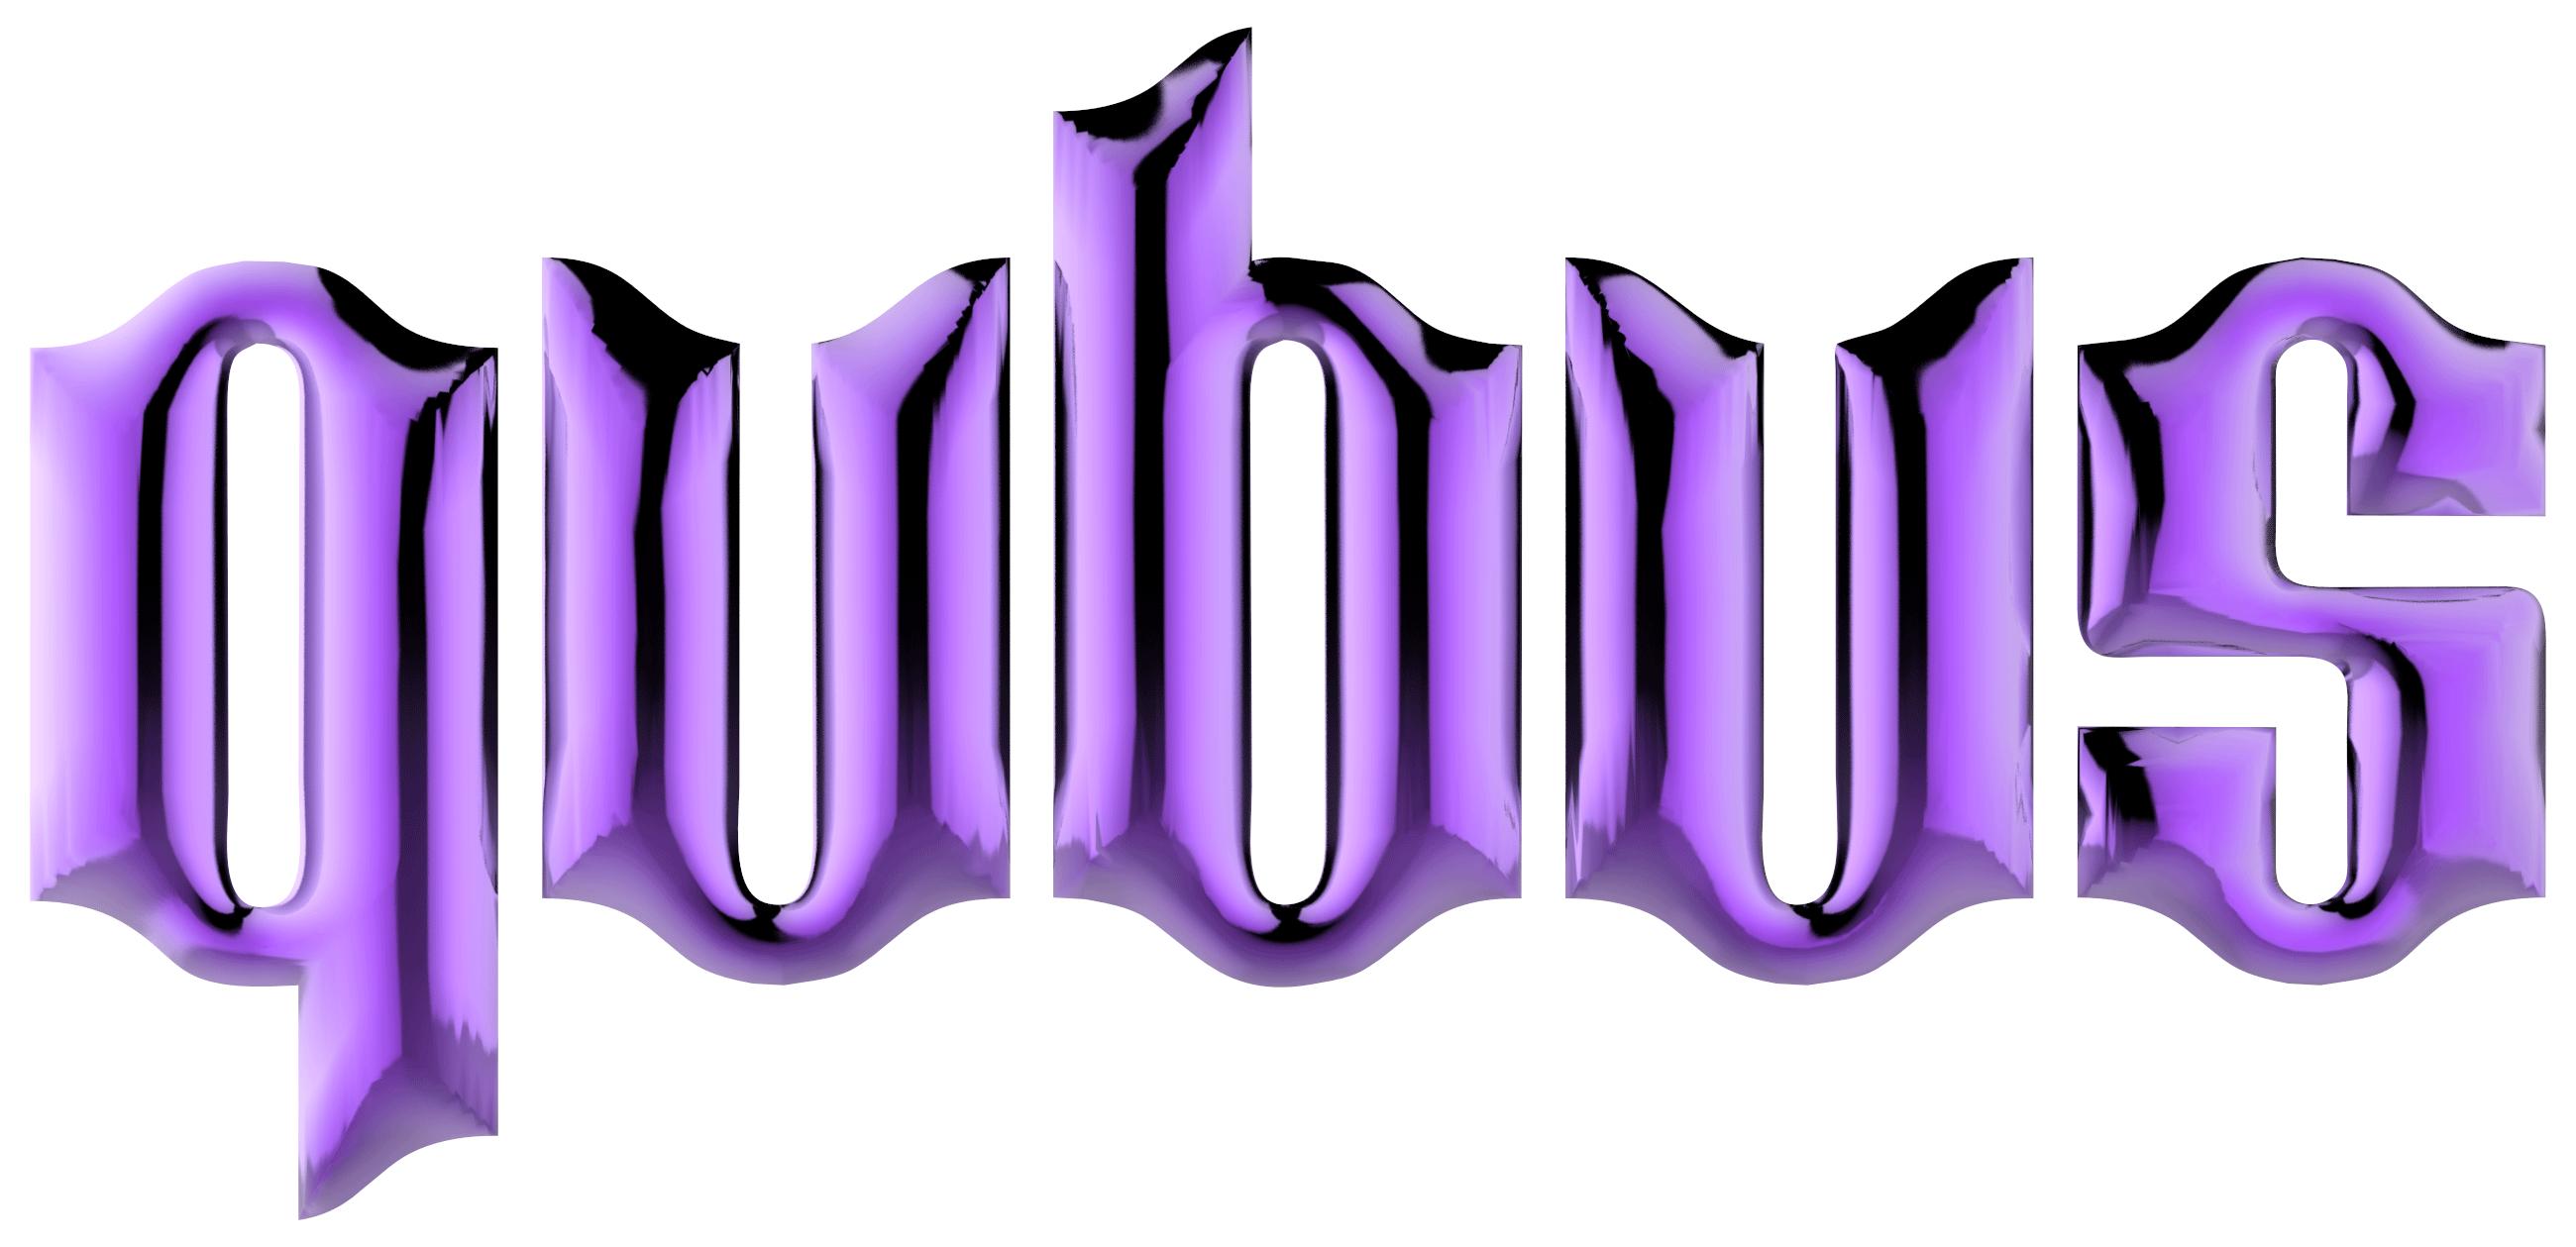 Qubus